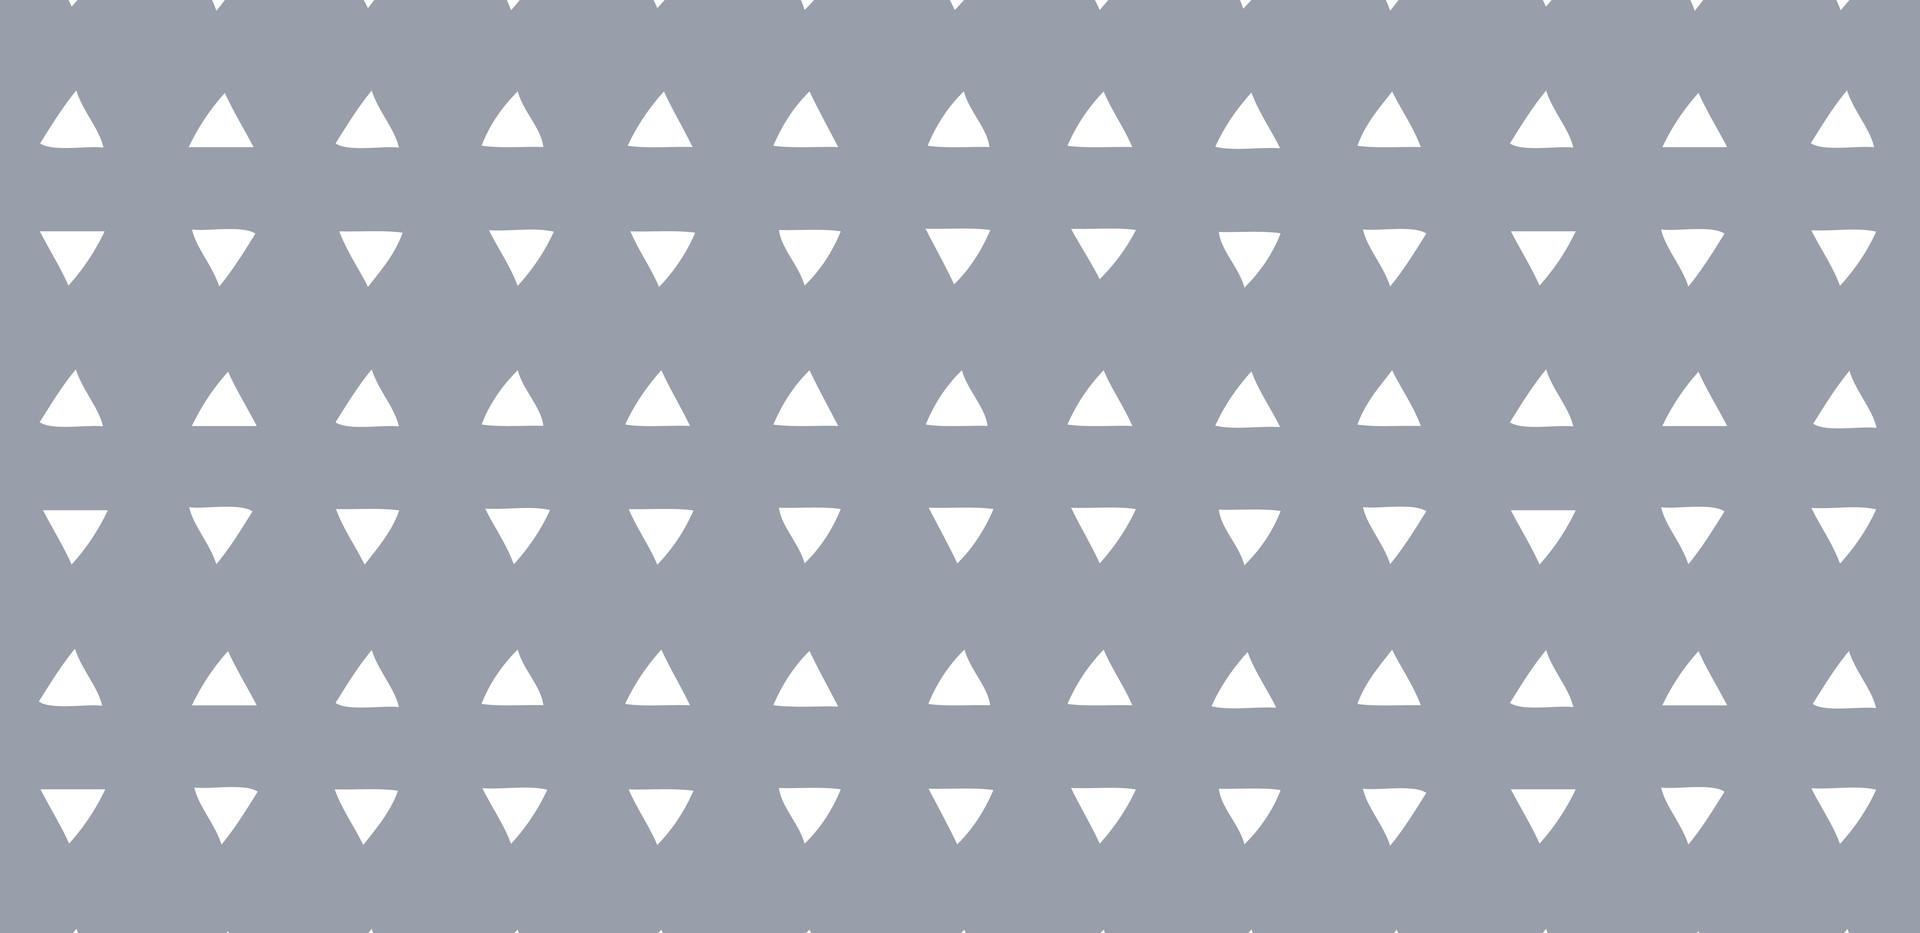 Tiny Triangles . Fog